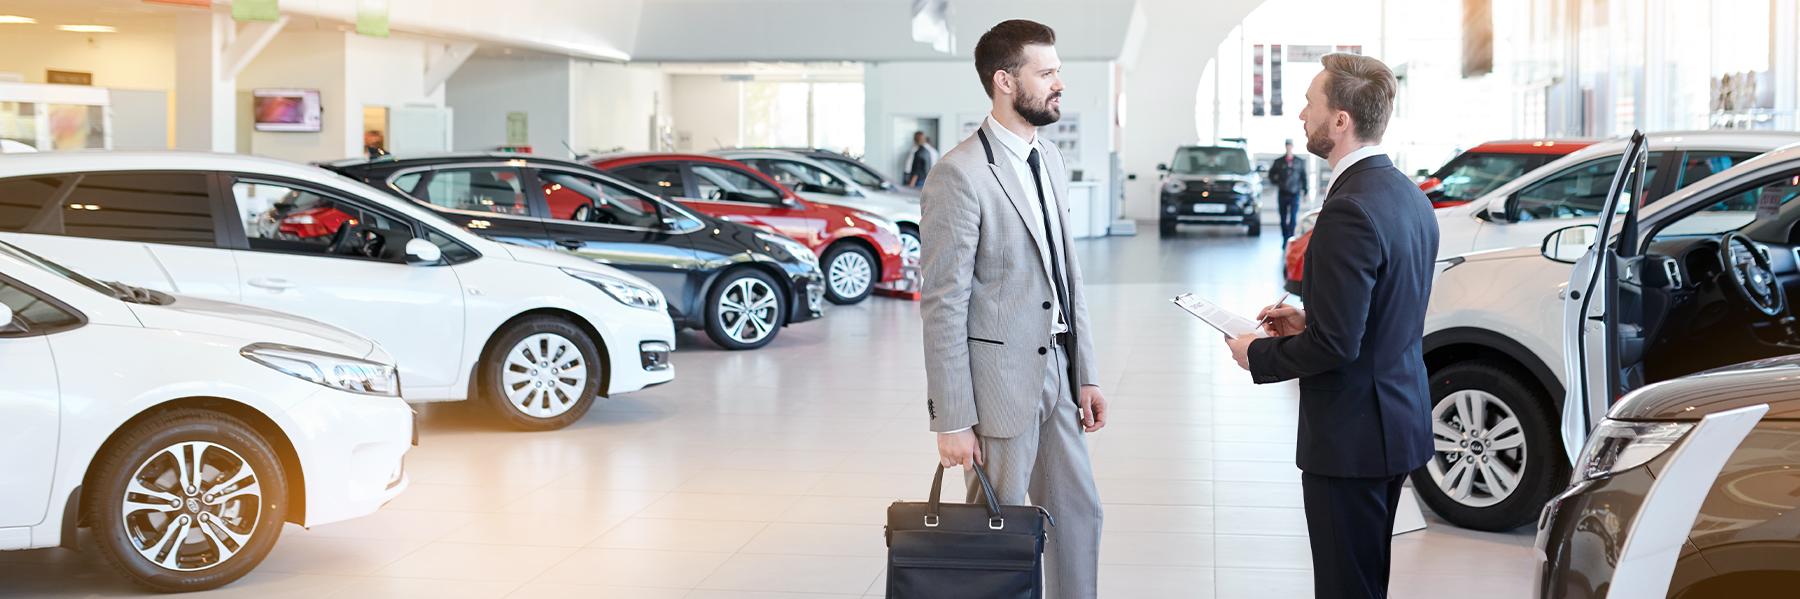 Autoverkäufer im Gespräch mit Kfz Disponenten im Ausstellungsraum